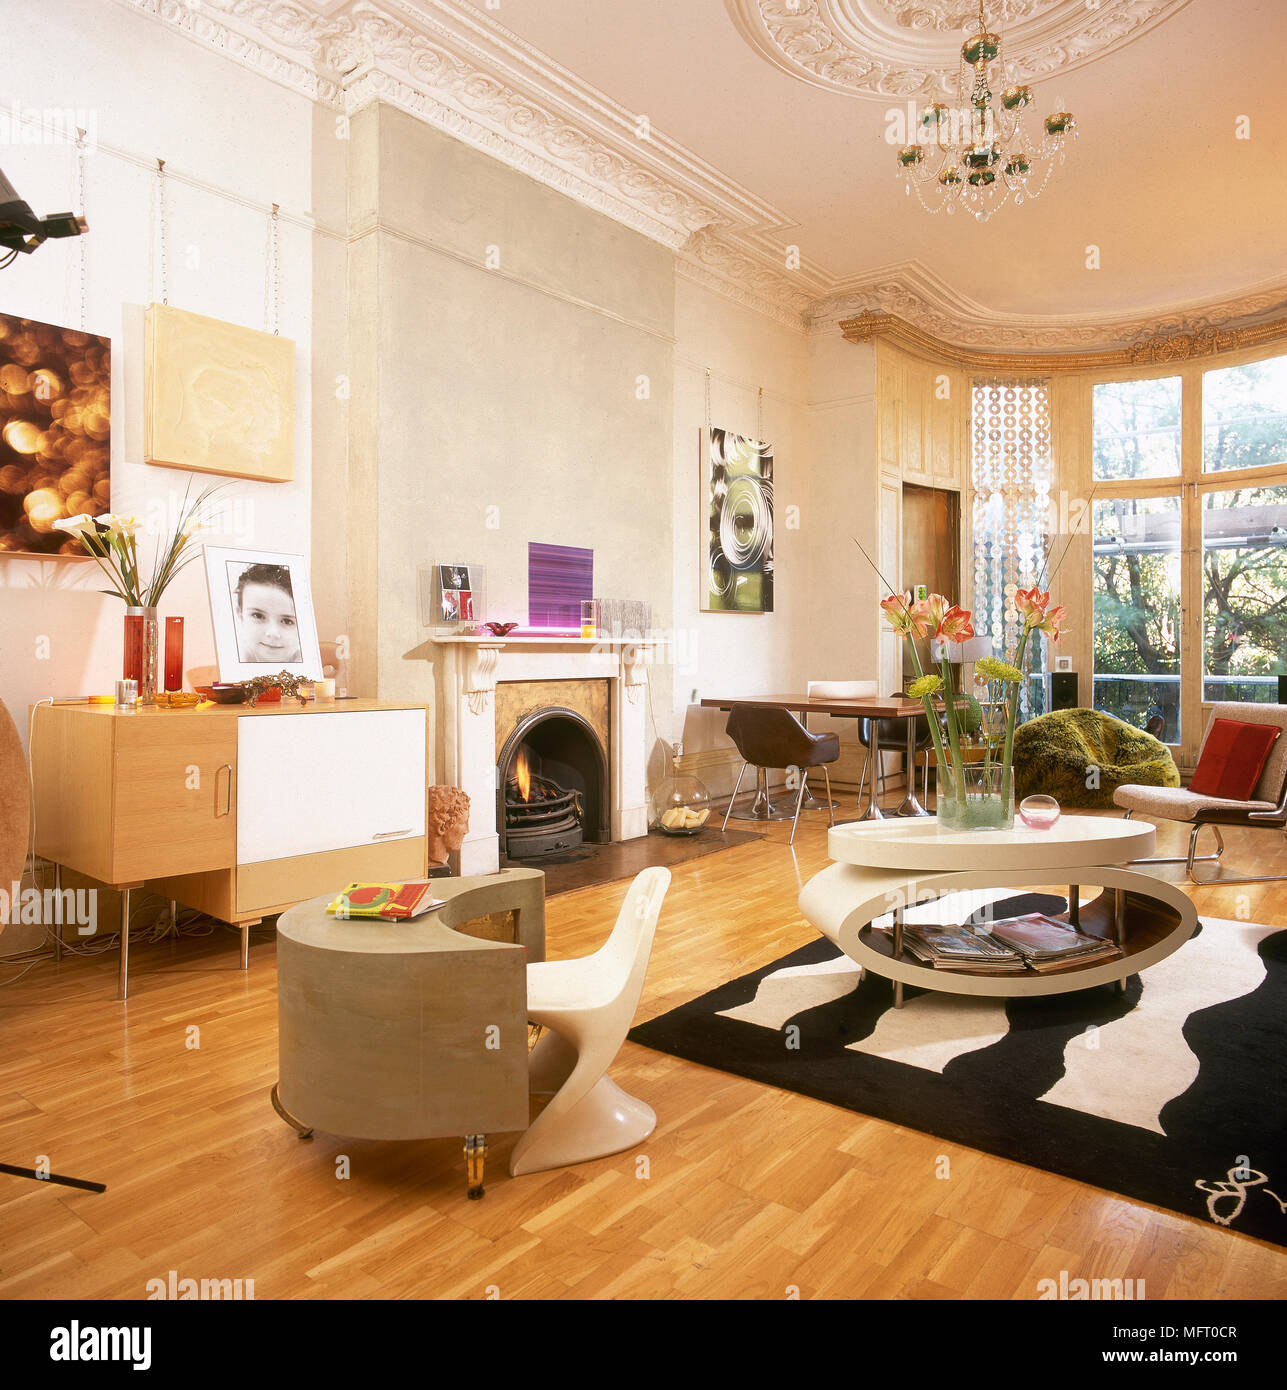 Eklektische Modernes Wohnzimmer Retro Möbel Kamin Holz Stockfoto